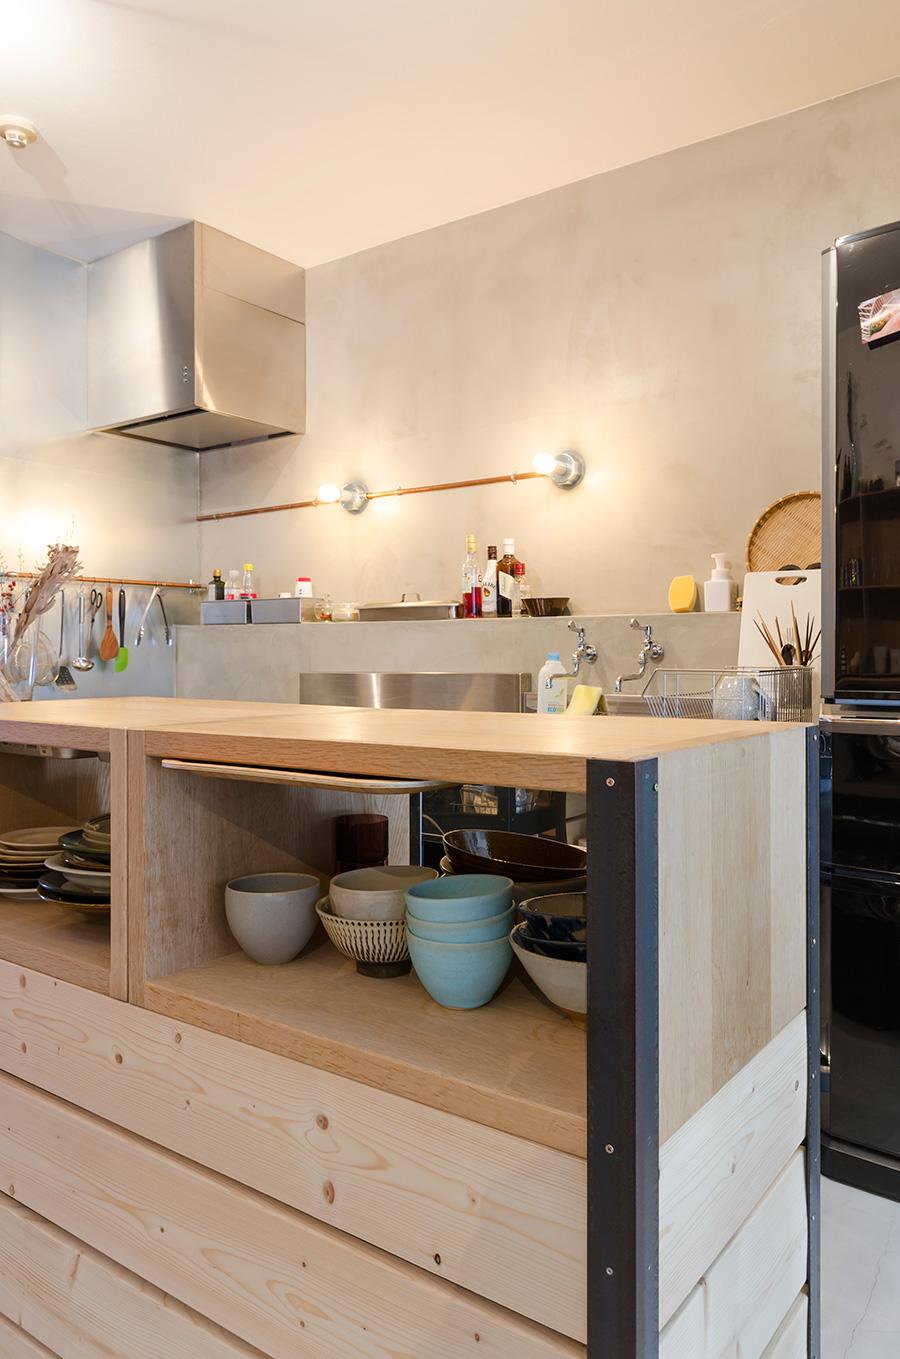 鉄のフレームと木の板を購入してDIYで作ったアイランドキッチン。天板の下に薄い引き出しも取り付け、トレーやふりかけを収納。